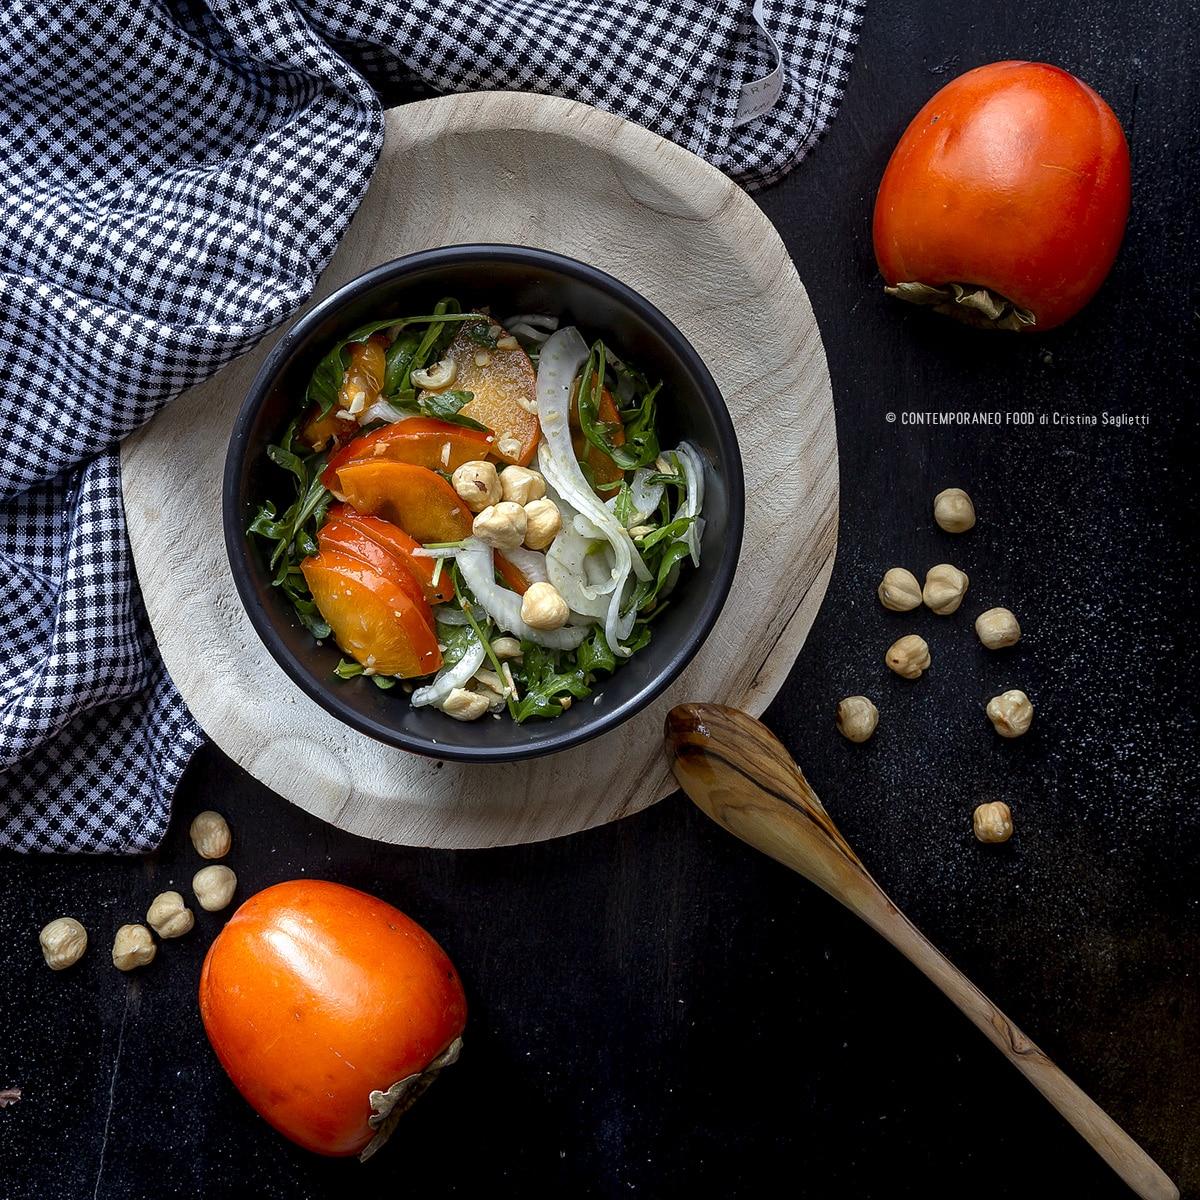 caco-mela-in-insalata-con-finocchi-rucola-nocciole-salsa-al-miele-contorno-insalata-contemporaneo-food